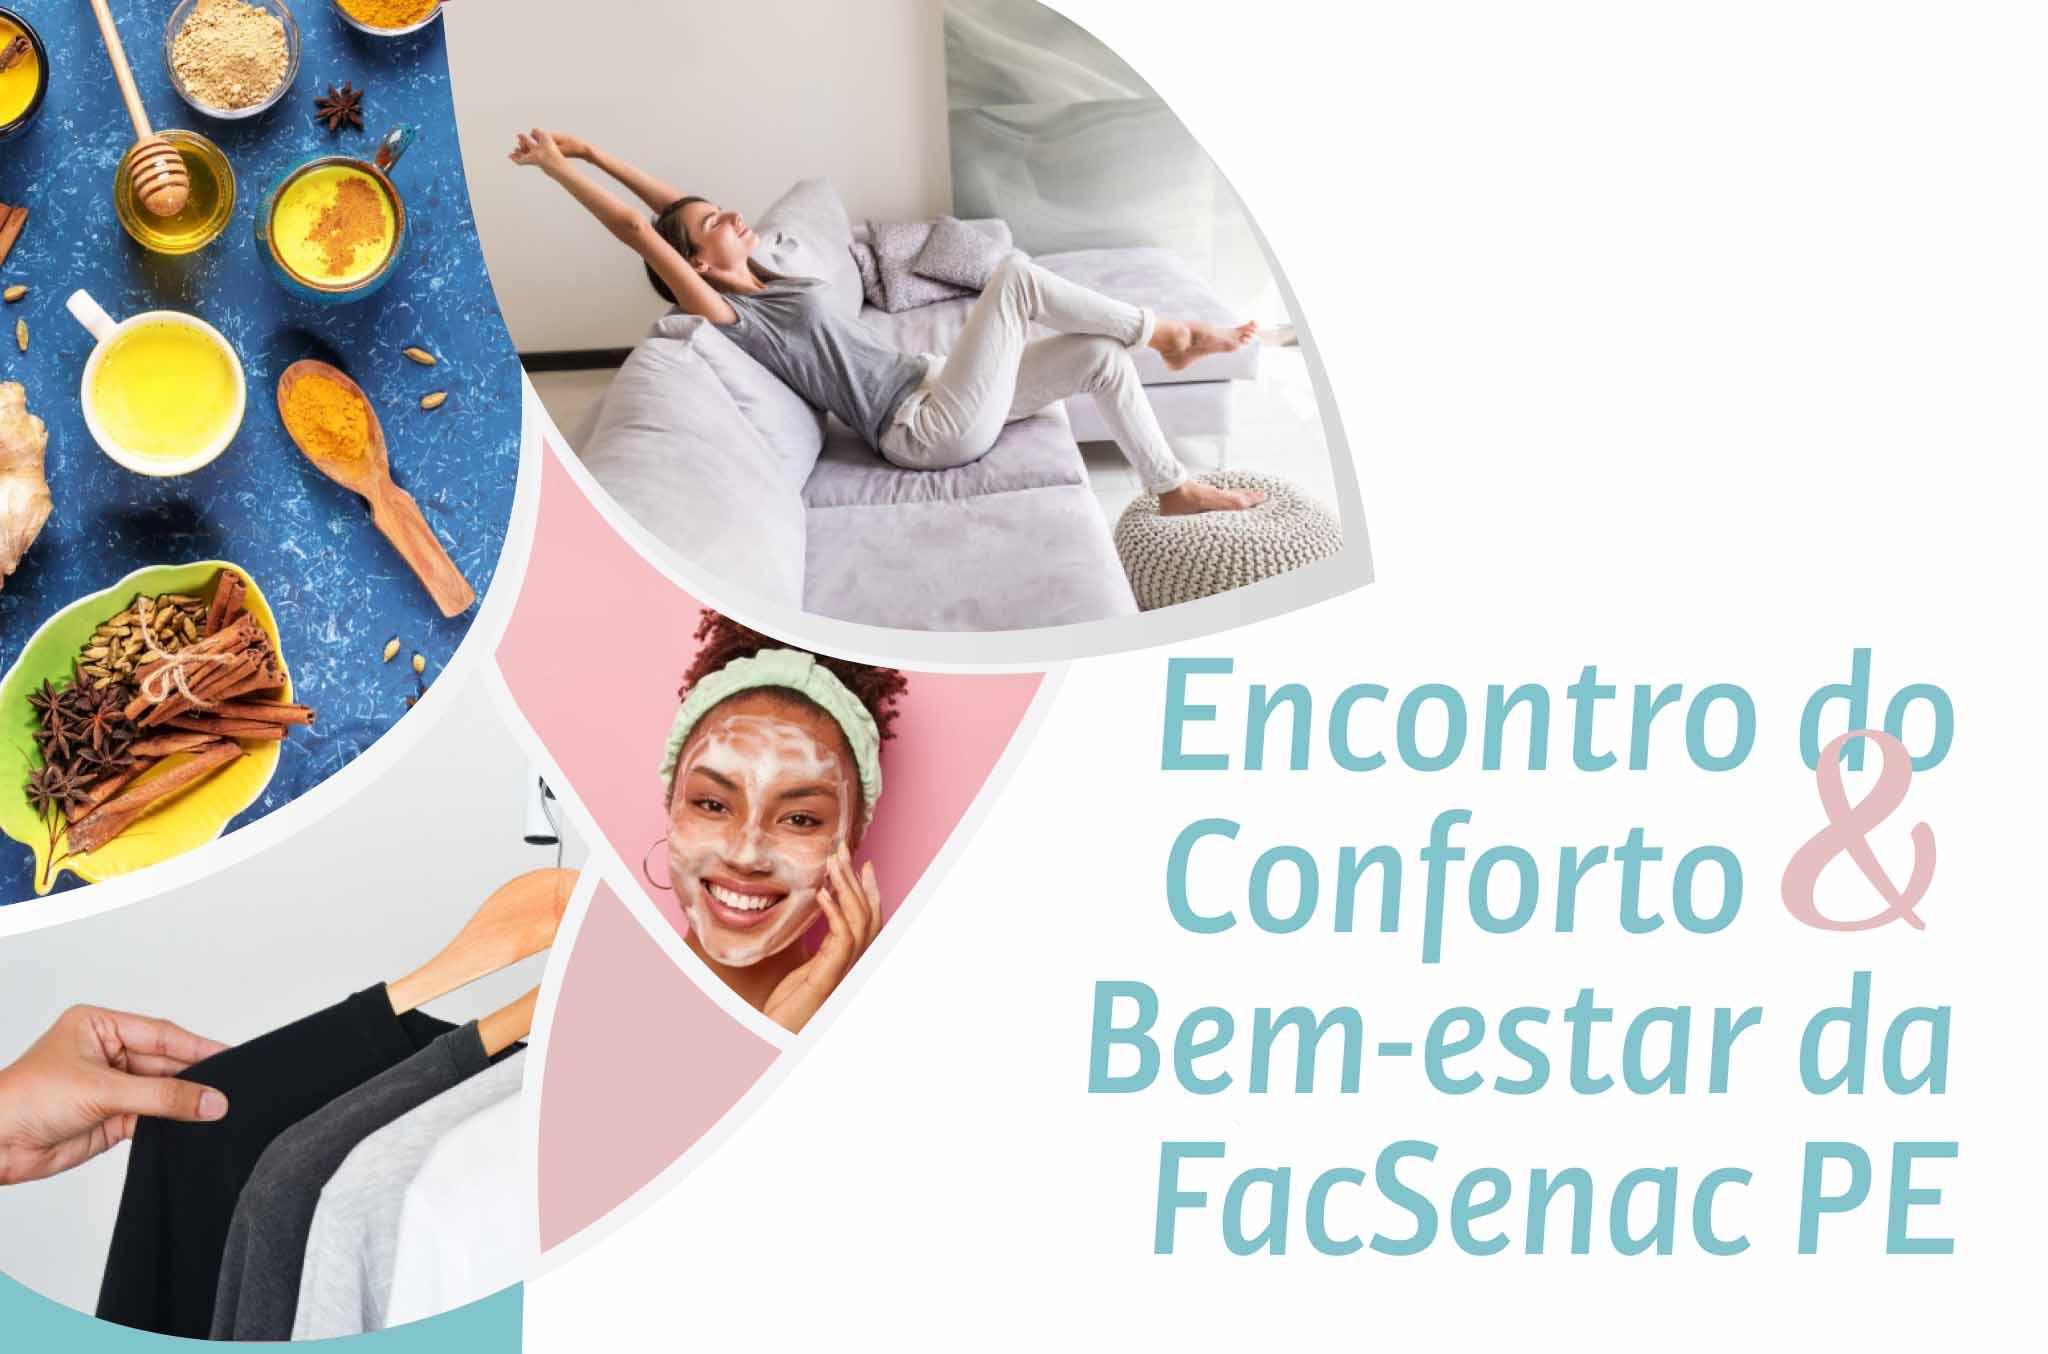 Encontro do Conforto e Bem-estar da FacSenac_